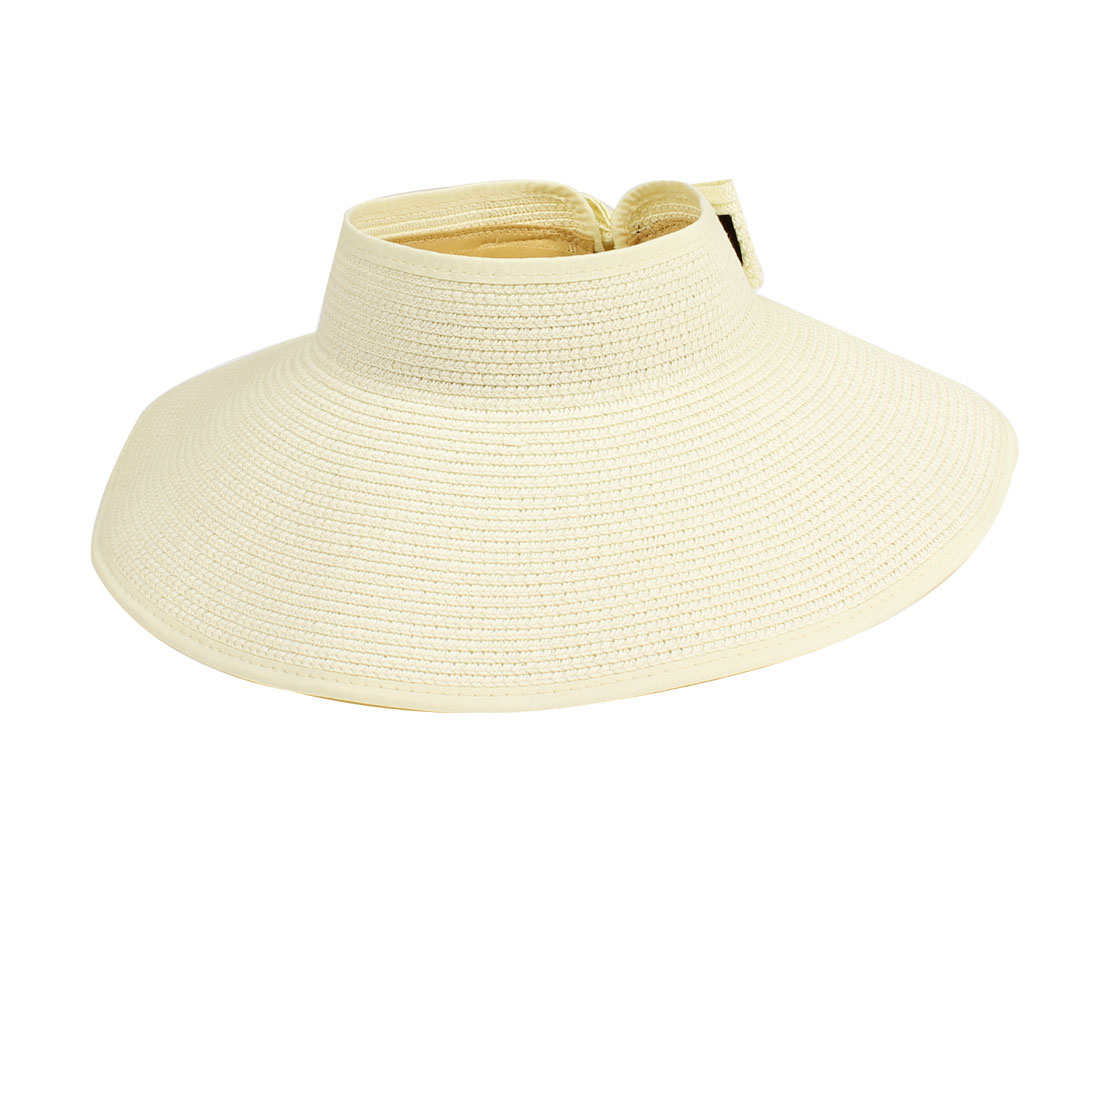 Women Top Open Style Bowknot Foldable Straw Sun Wide Brim Cap Hat Beige